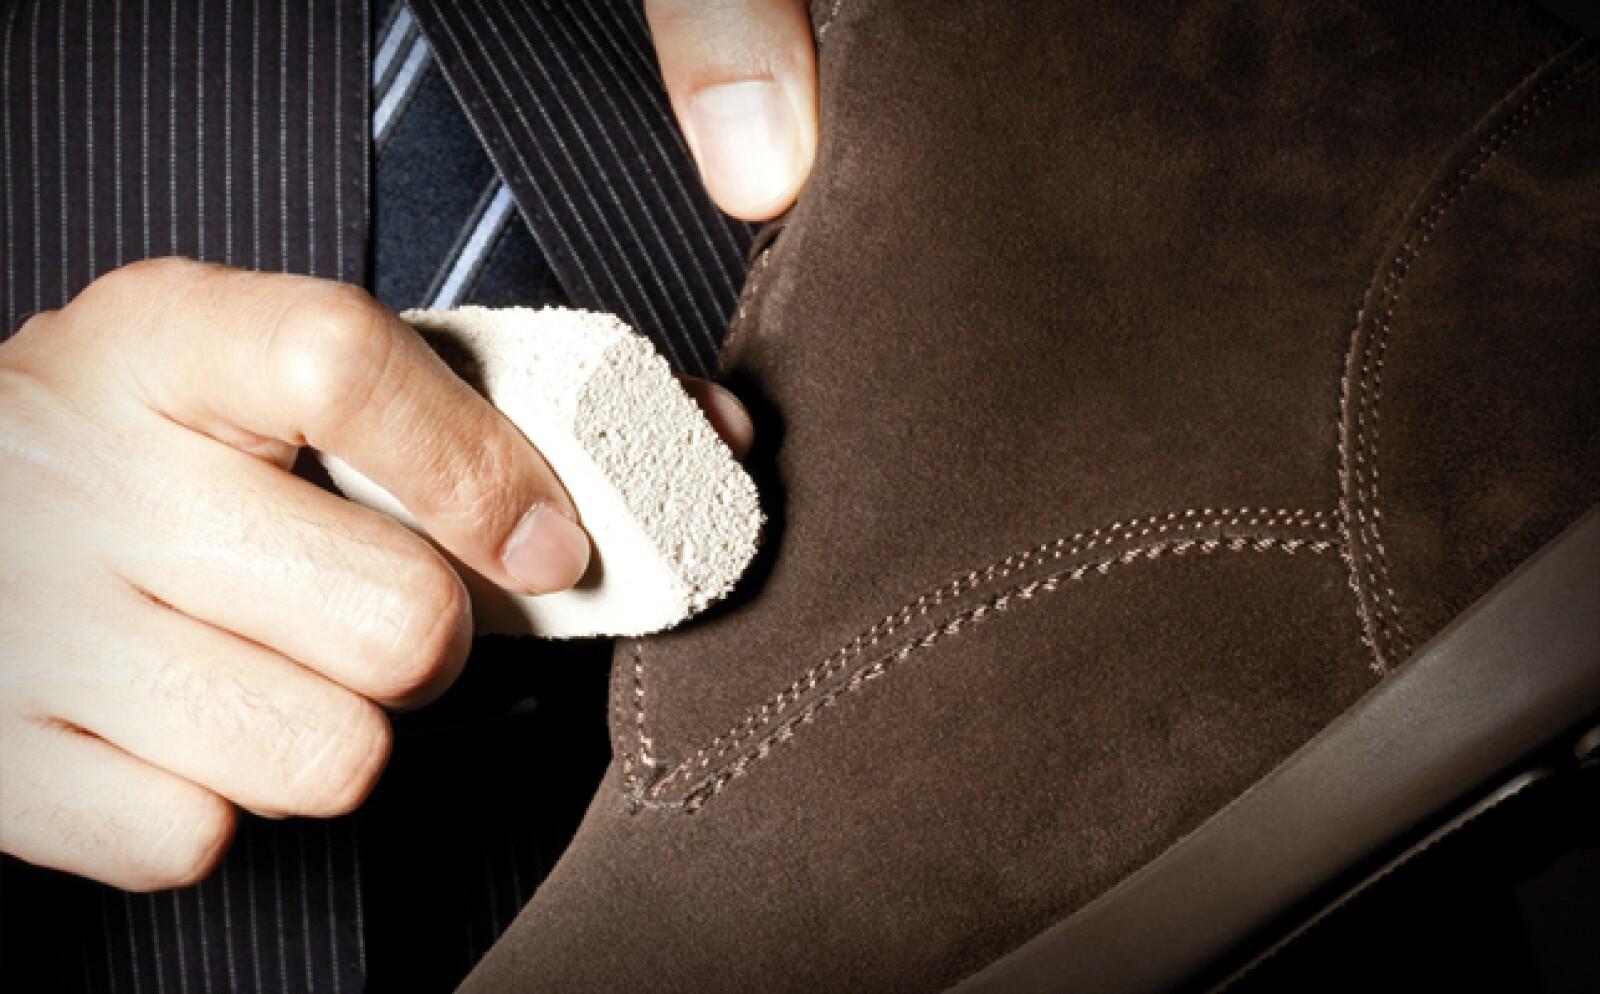 Para remover manchas específicas, usa una goma especial para zapatos, borrando una por una, sin tallar muy fuerte.